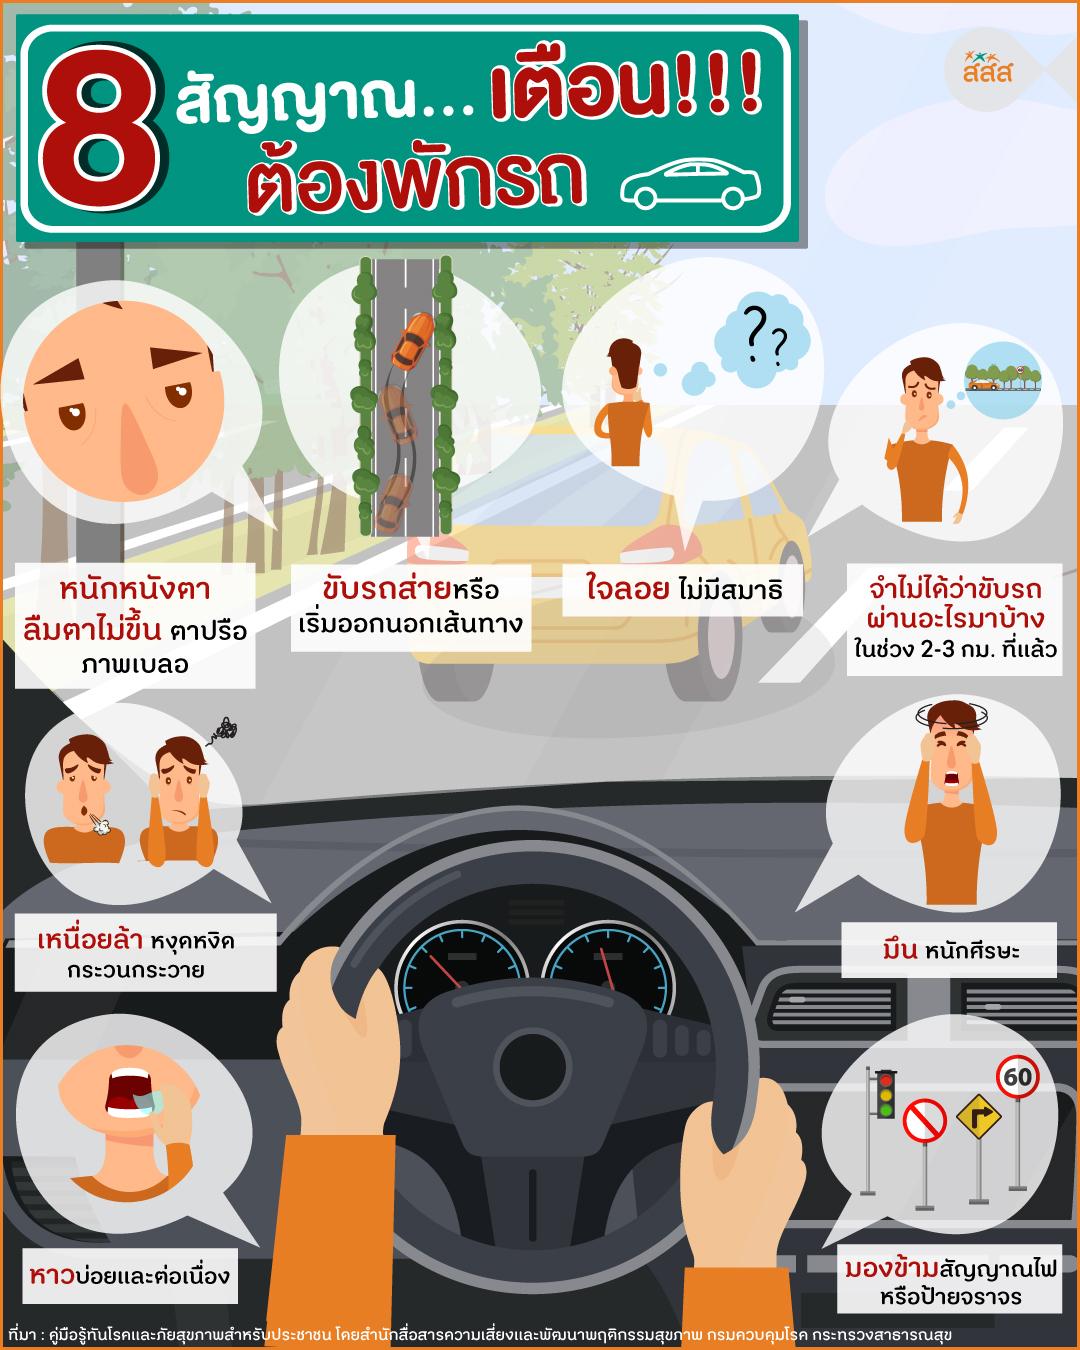 8 สัญญาณ เตือนต้องพักรถ thaihealth